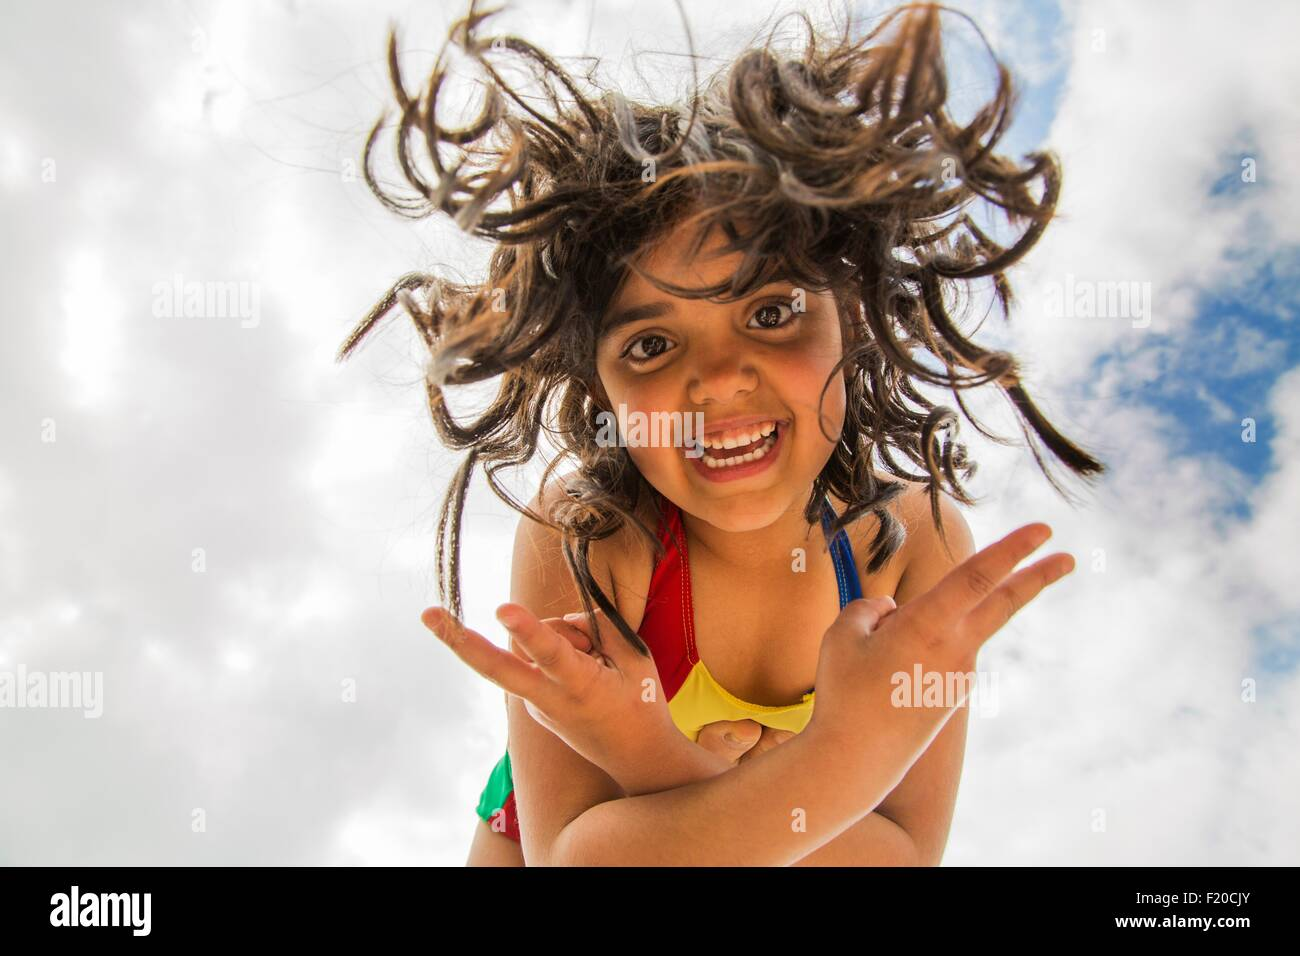 Un ángulo bajo el retrato de chica con mucho pelo rizado equilibrio sobre la parte superior del pie de alguien Foto de stock